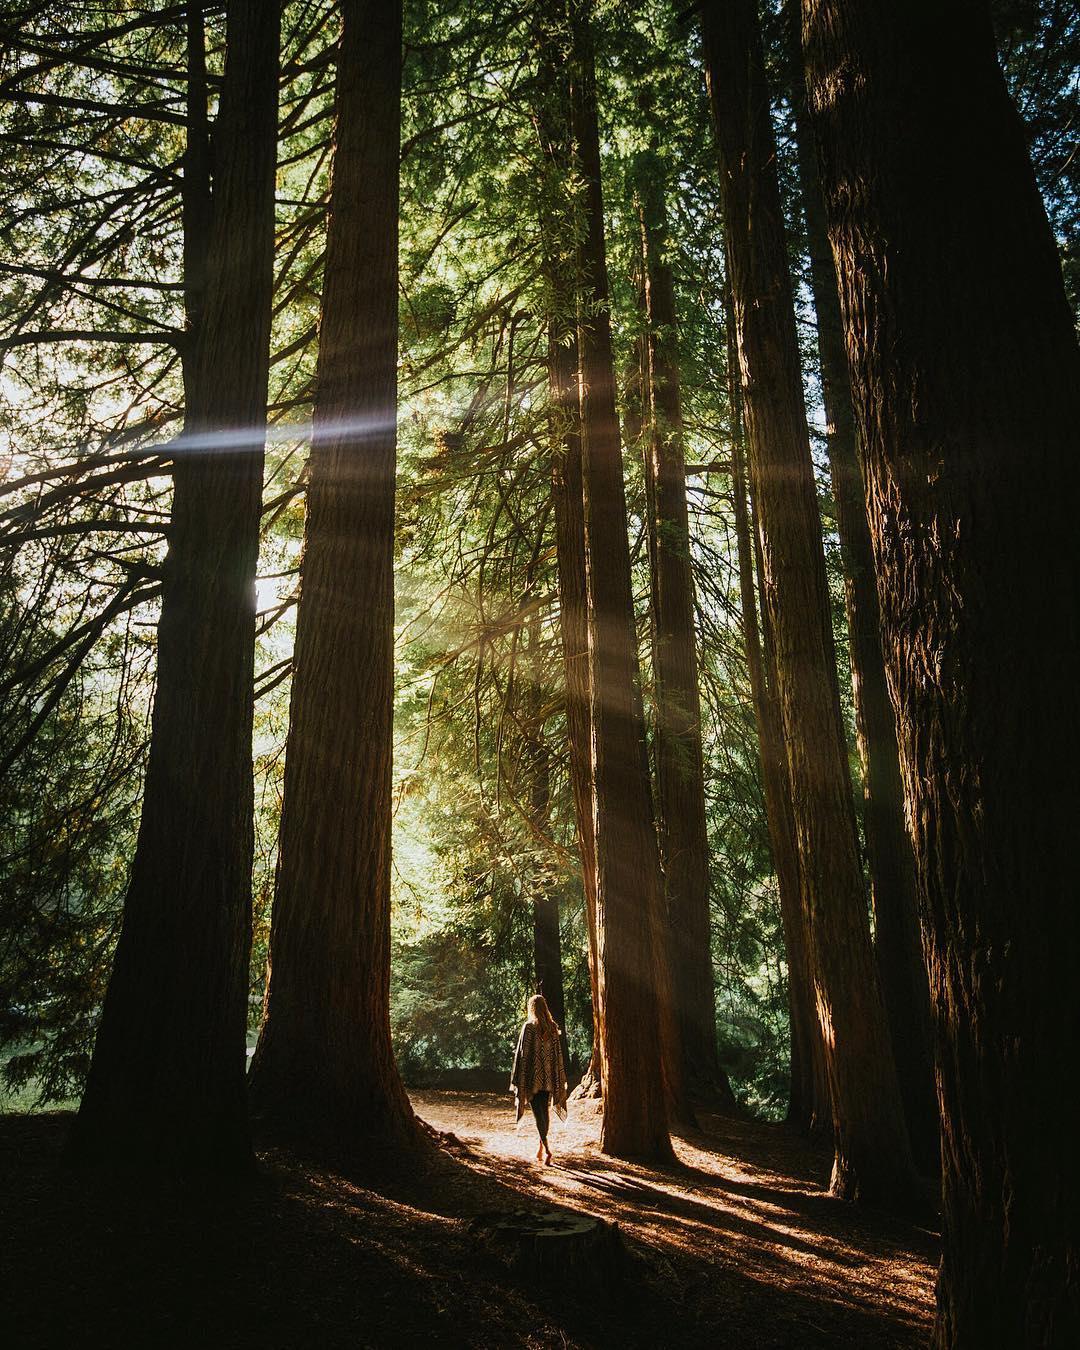 Природа и путешествия на снимках Джеймса Артура